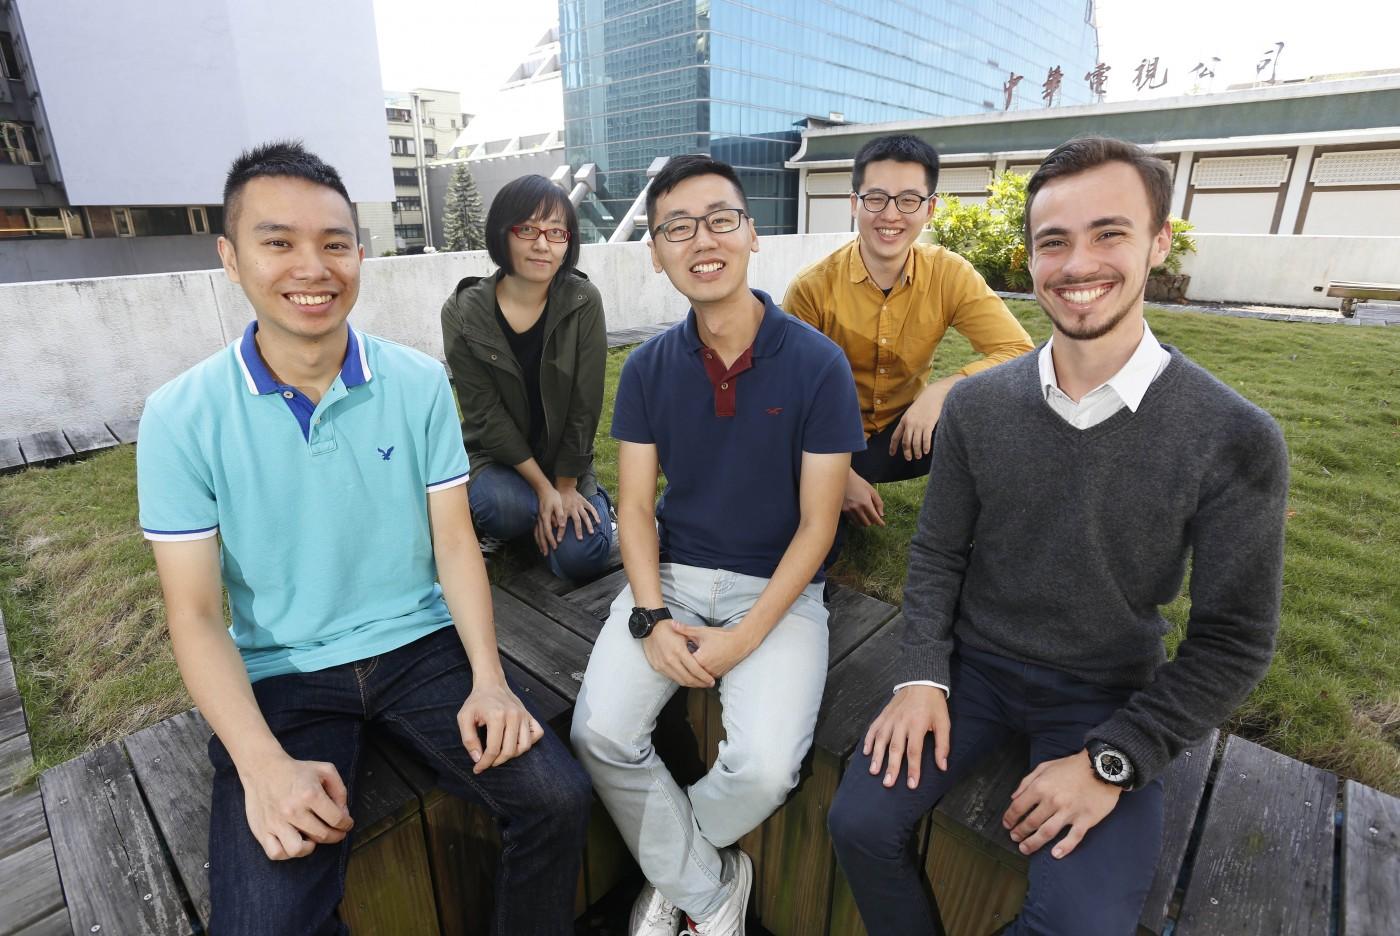 台灣團隊UXTesting,用精準UX數據讓全球企業徹底掌握使用者經驗